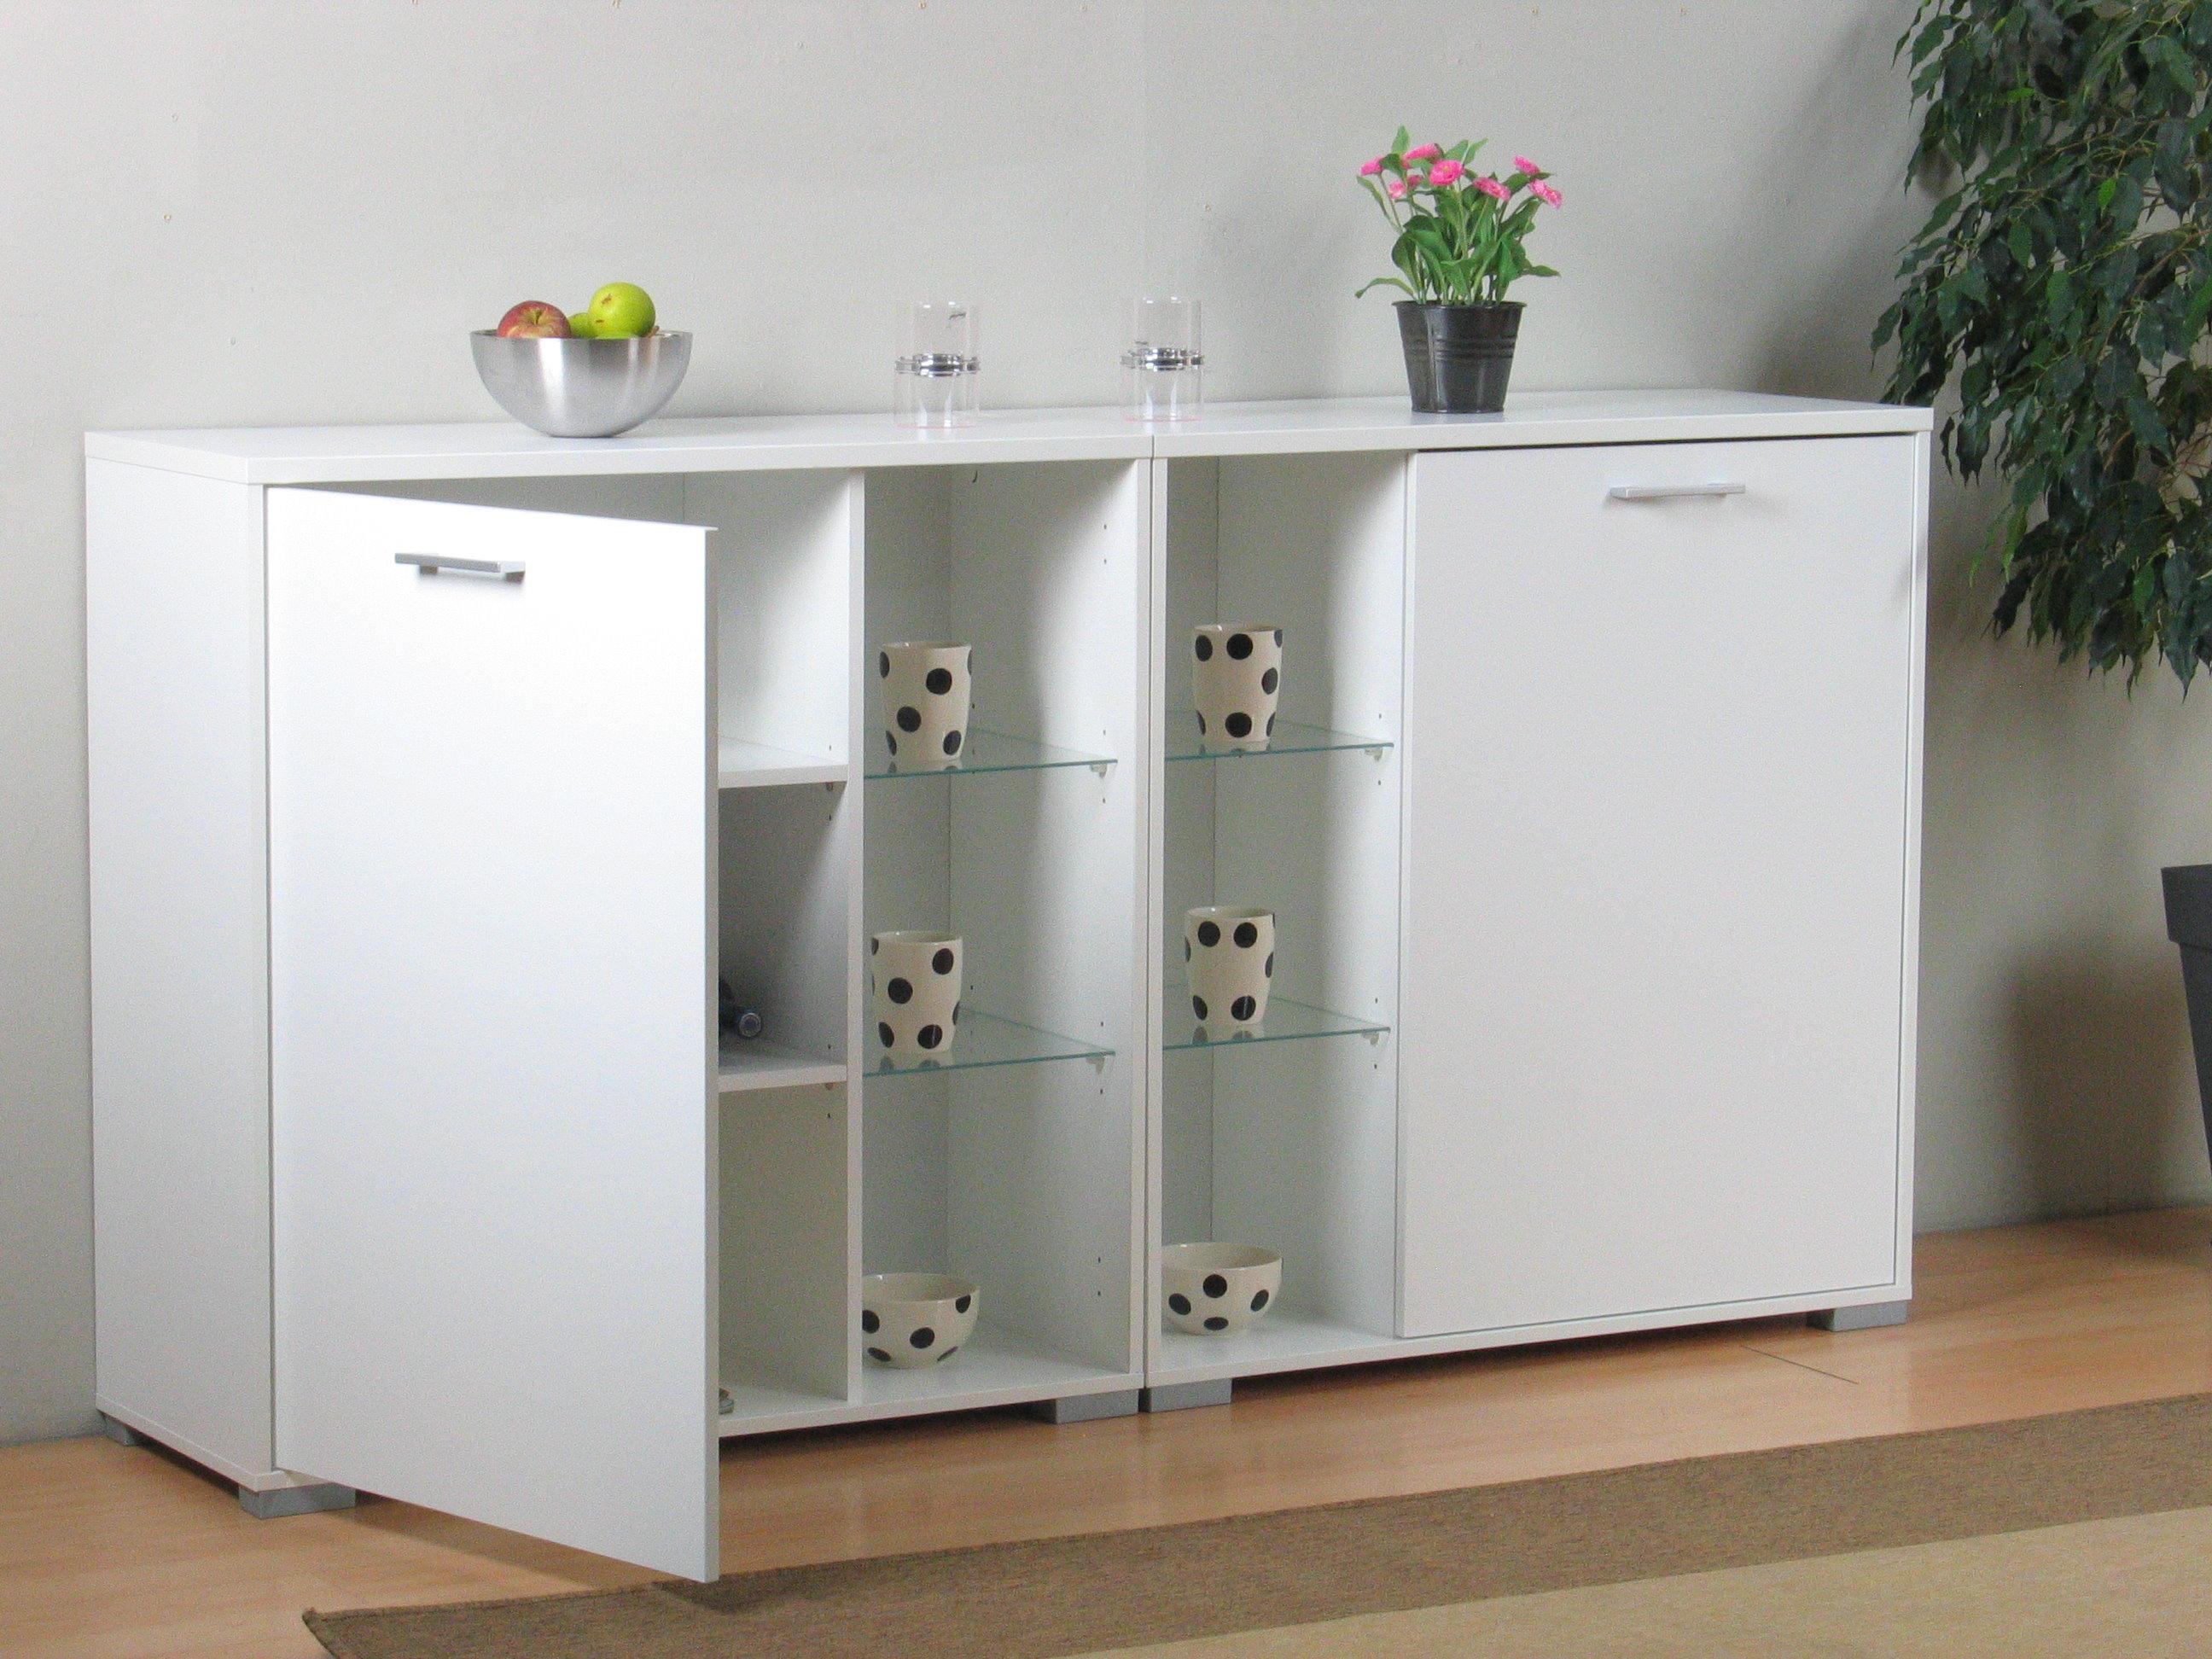 2x anrichte wega kommode wandschrank h ngeschrank glas. Black Bedroom Furniture Sets. Home Design Ideas